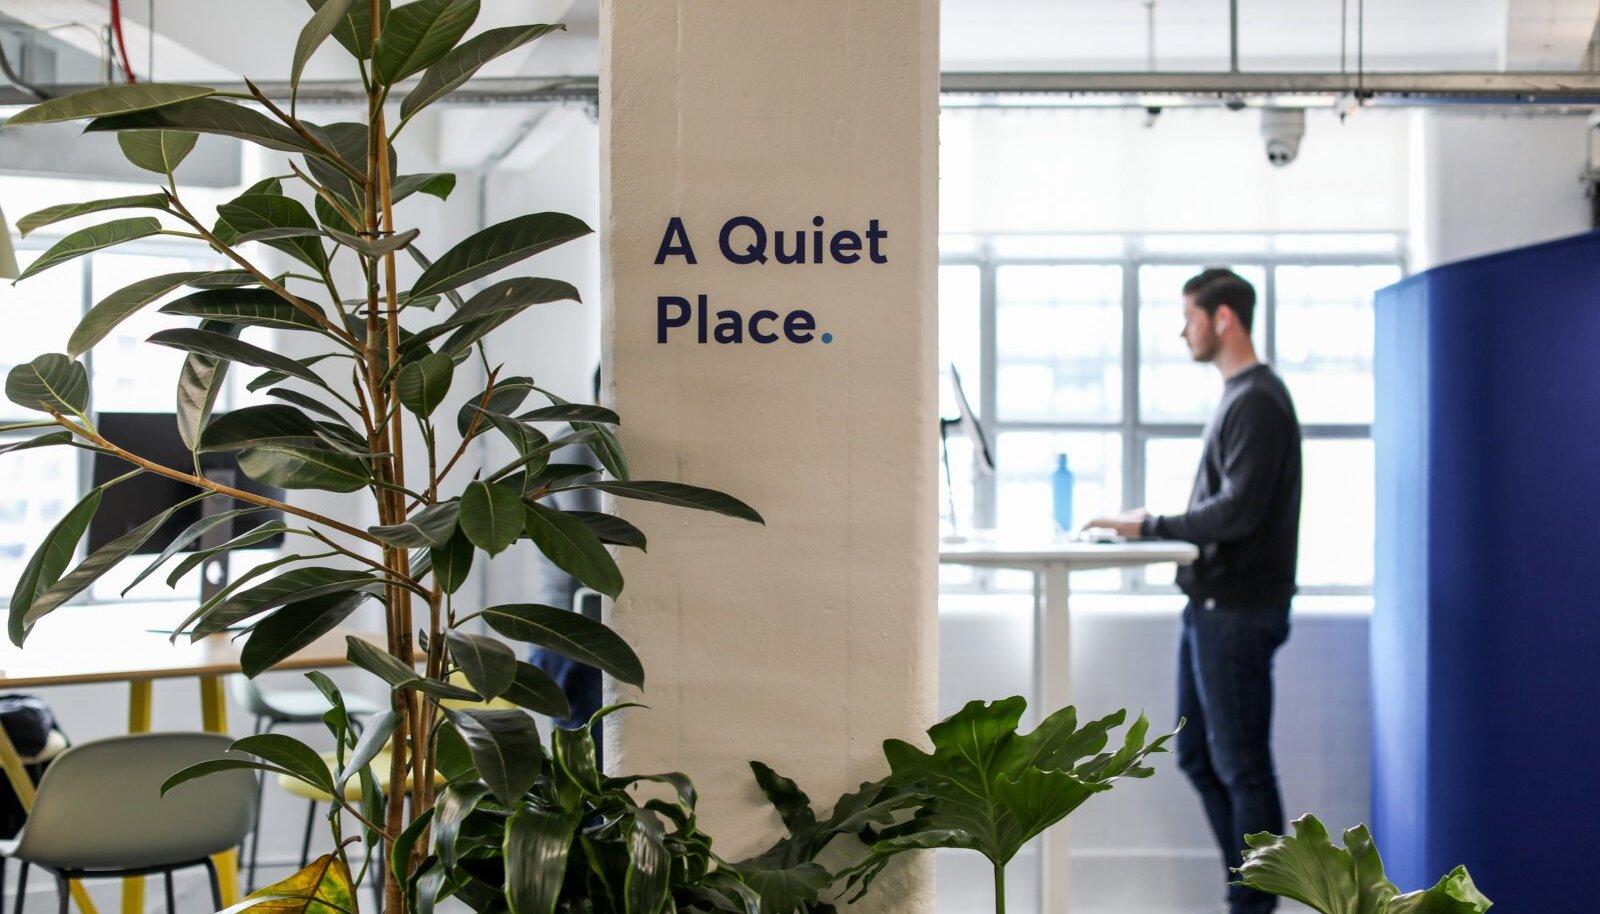 Wise'i kontori rahulik töökoht. Avatud kontoris otsivad töötajad enamasti rahulikku töökeskkonda, kus keegi visuaalselt ega heliga ei häiriks.